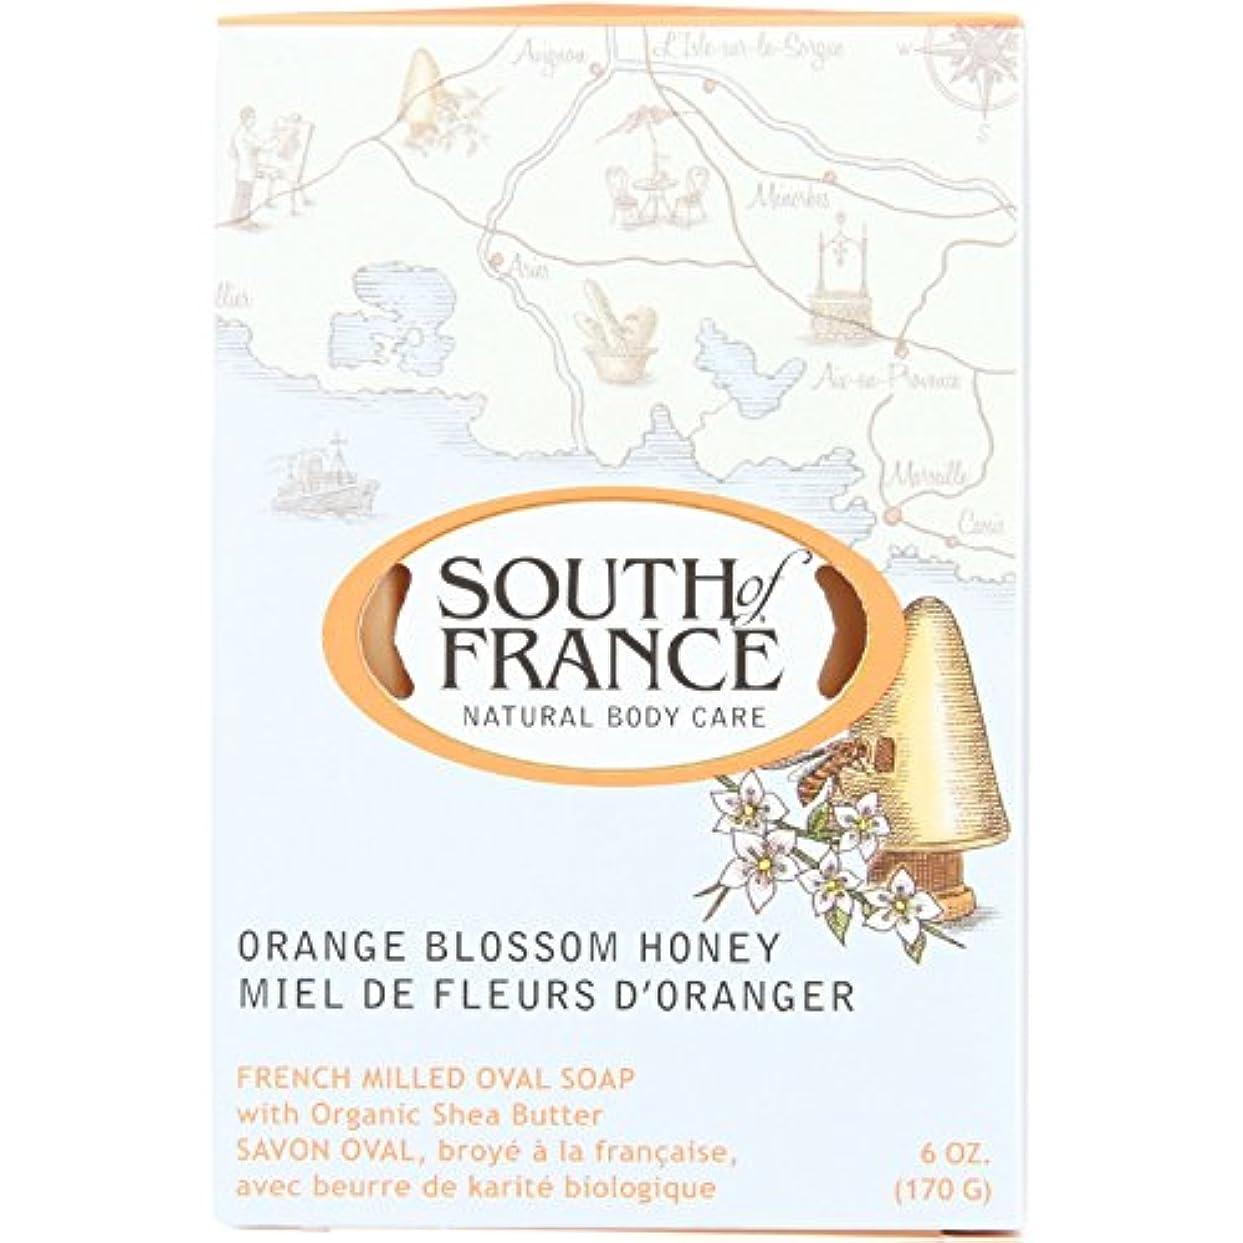 South of France - フランスの製粉された野菜棒石鹸のオレンジ花の蜂蜜 - 6ポンド